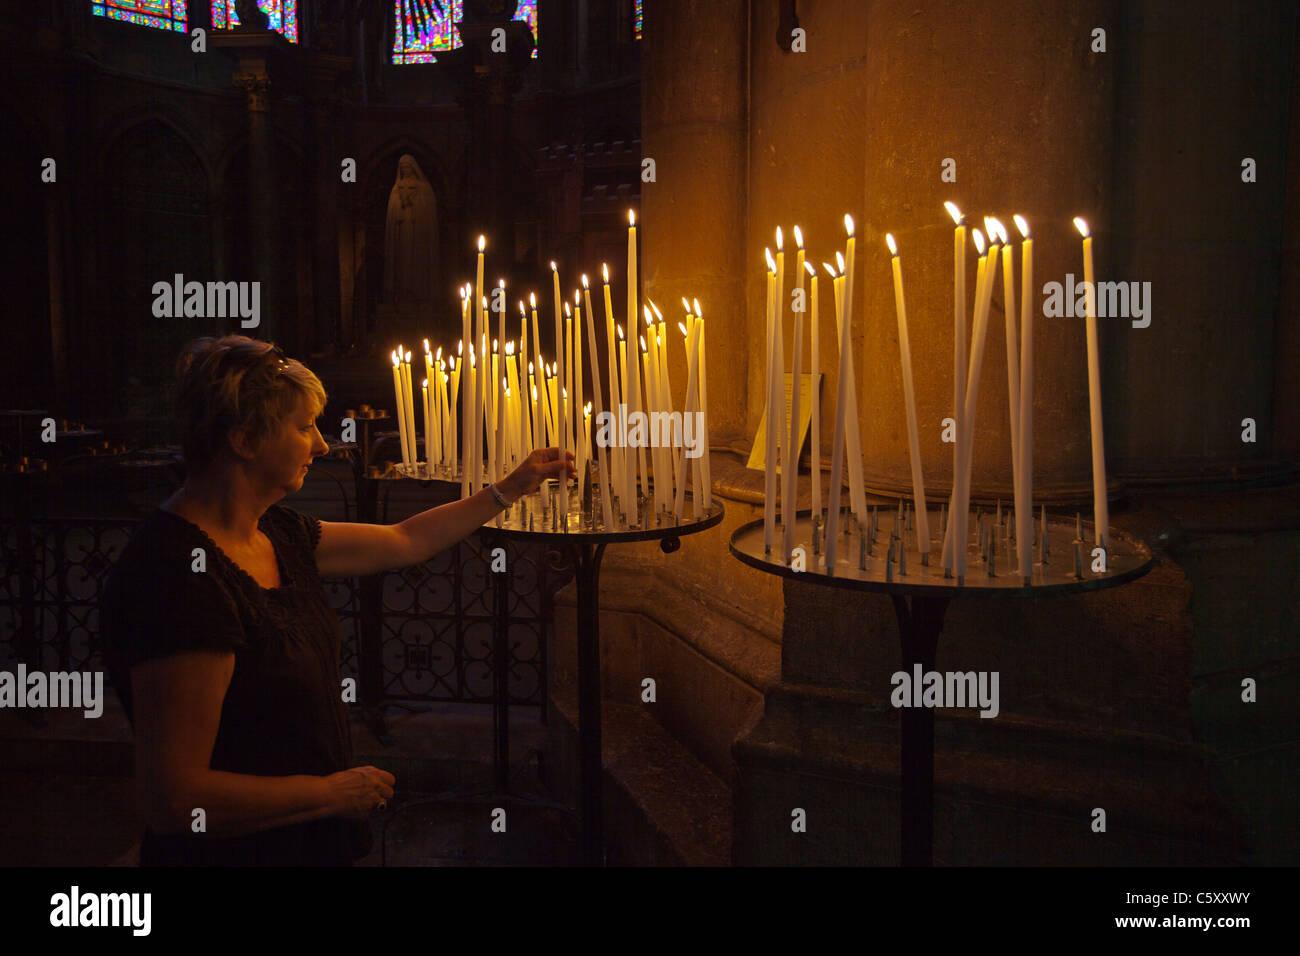 Femme adorant, allumant une bougie d'une main dans la cathédrale de Reims Reims France_119137 Photo Stock